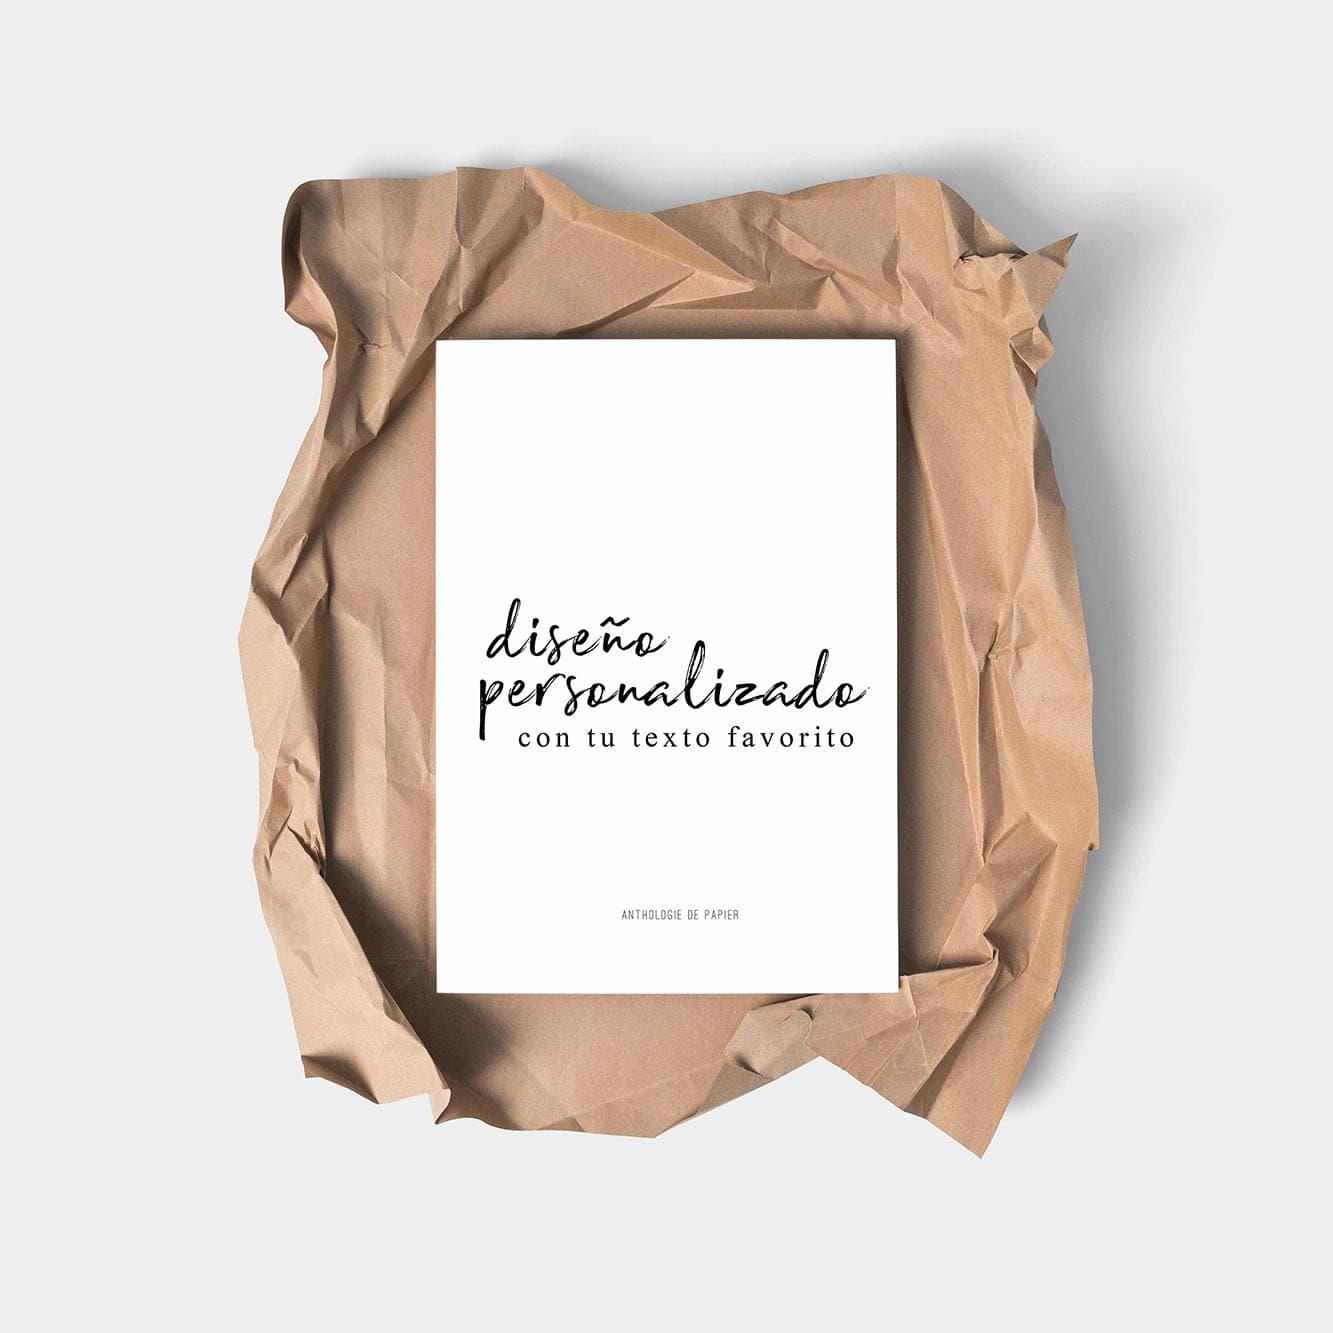 Láminas personalizadas | AnthologieDePapier